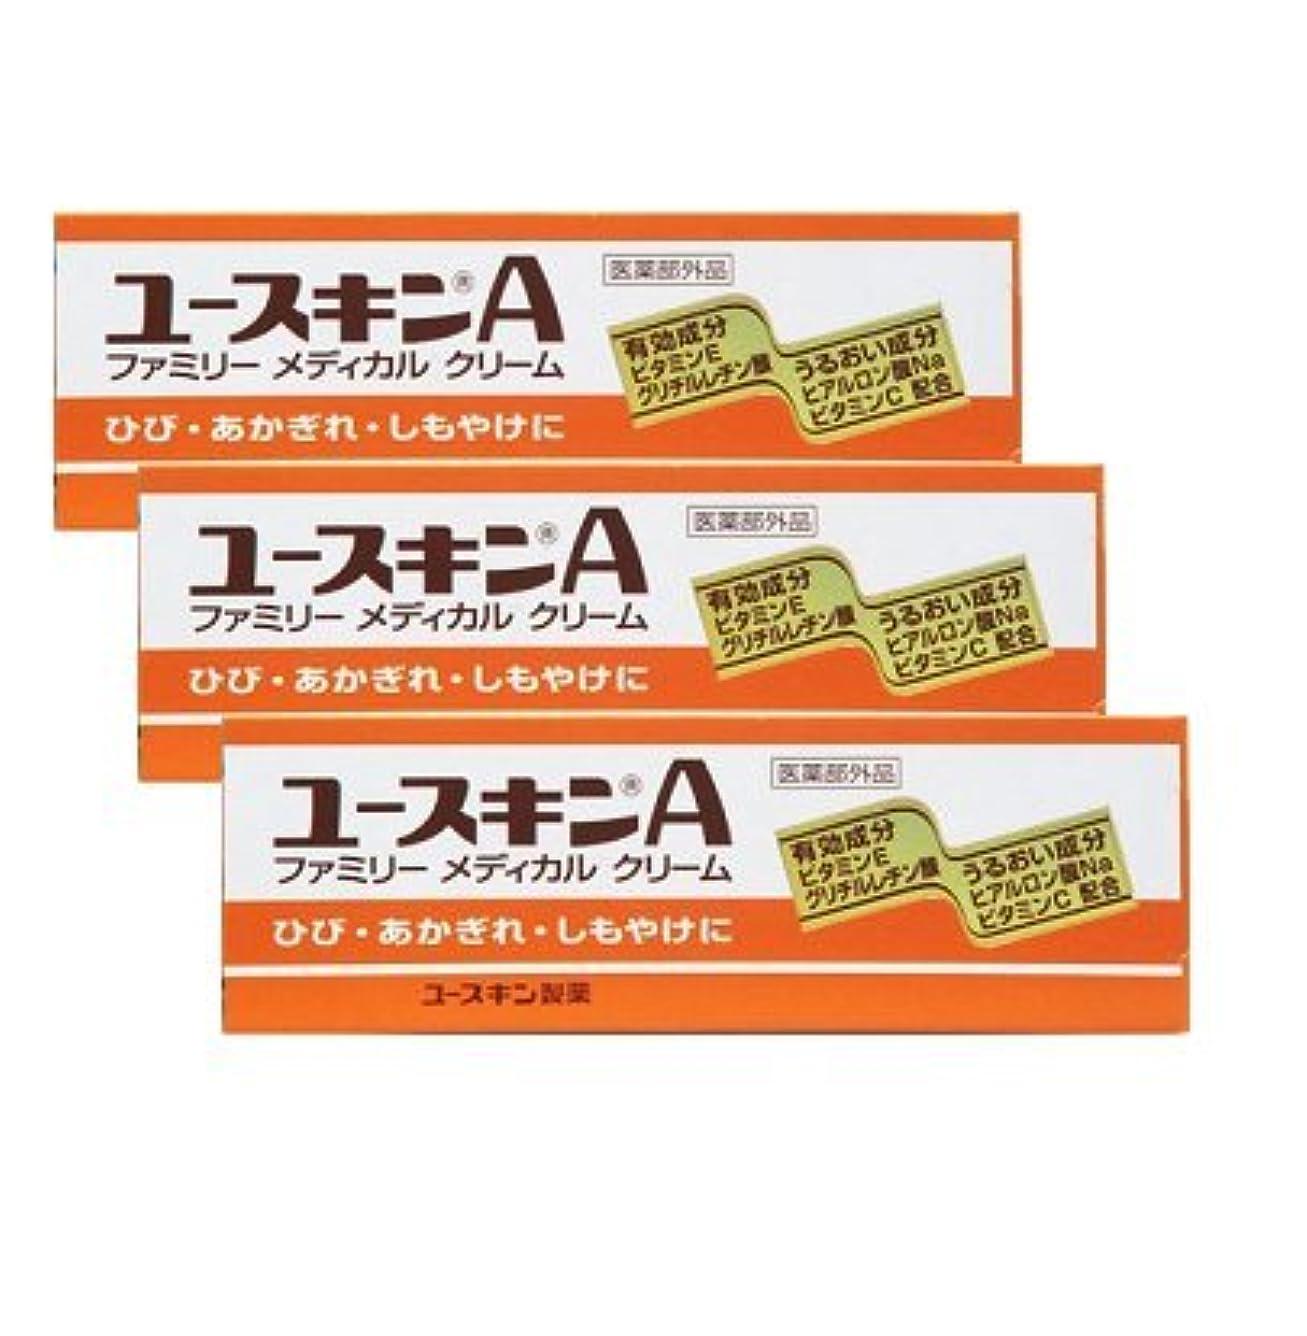 トマト悪化する条件付き【指定医薬部外品】ユースキンAチューブ 30g【3個セット】